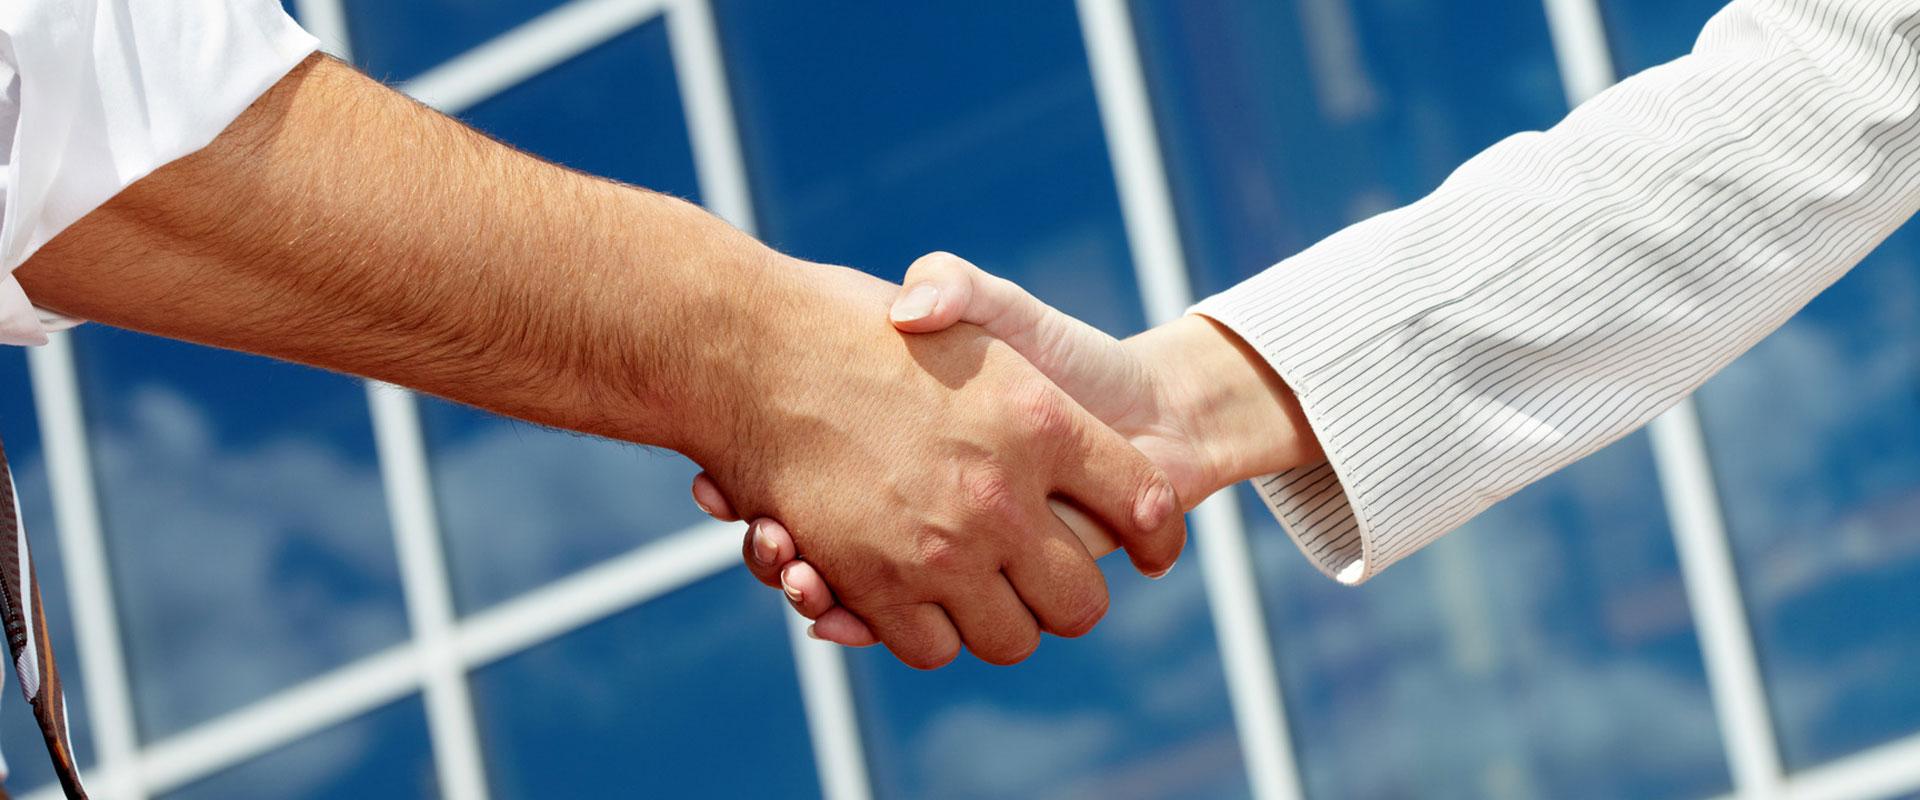 handshake_1920x800